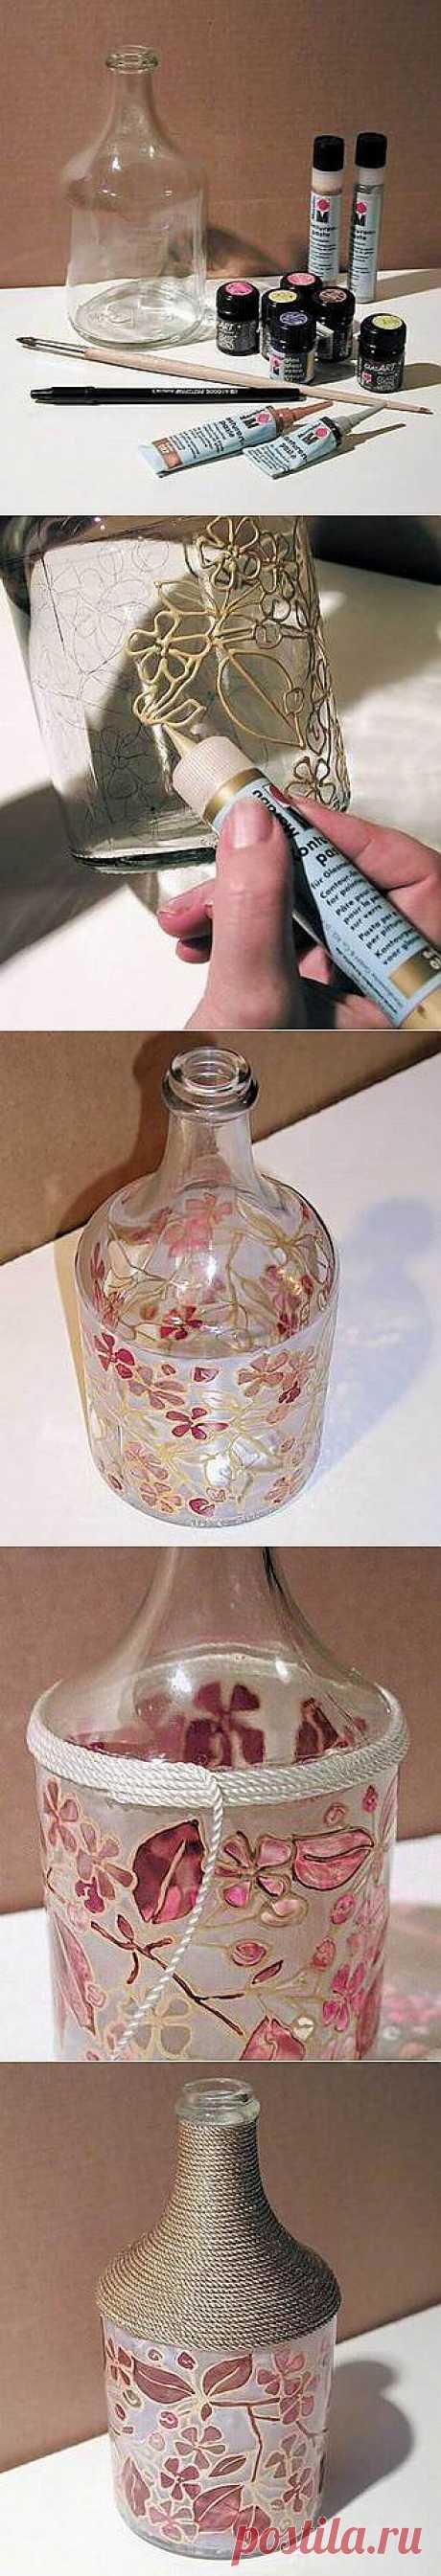 Джин из бутылки или ваза своими руками » Женский интернет журнал